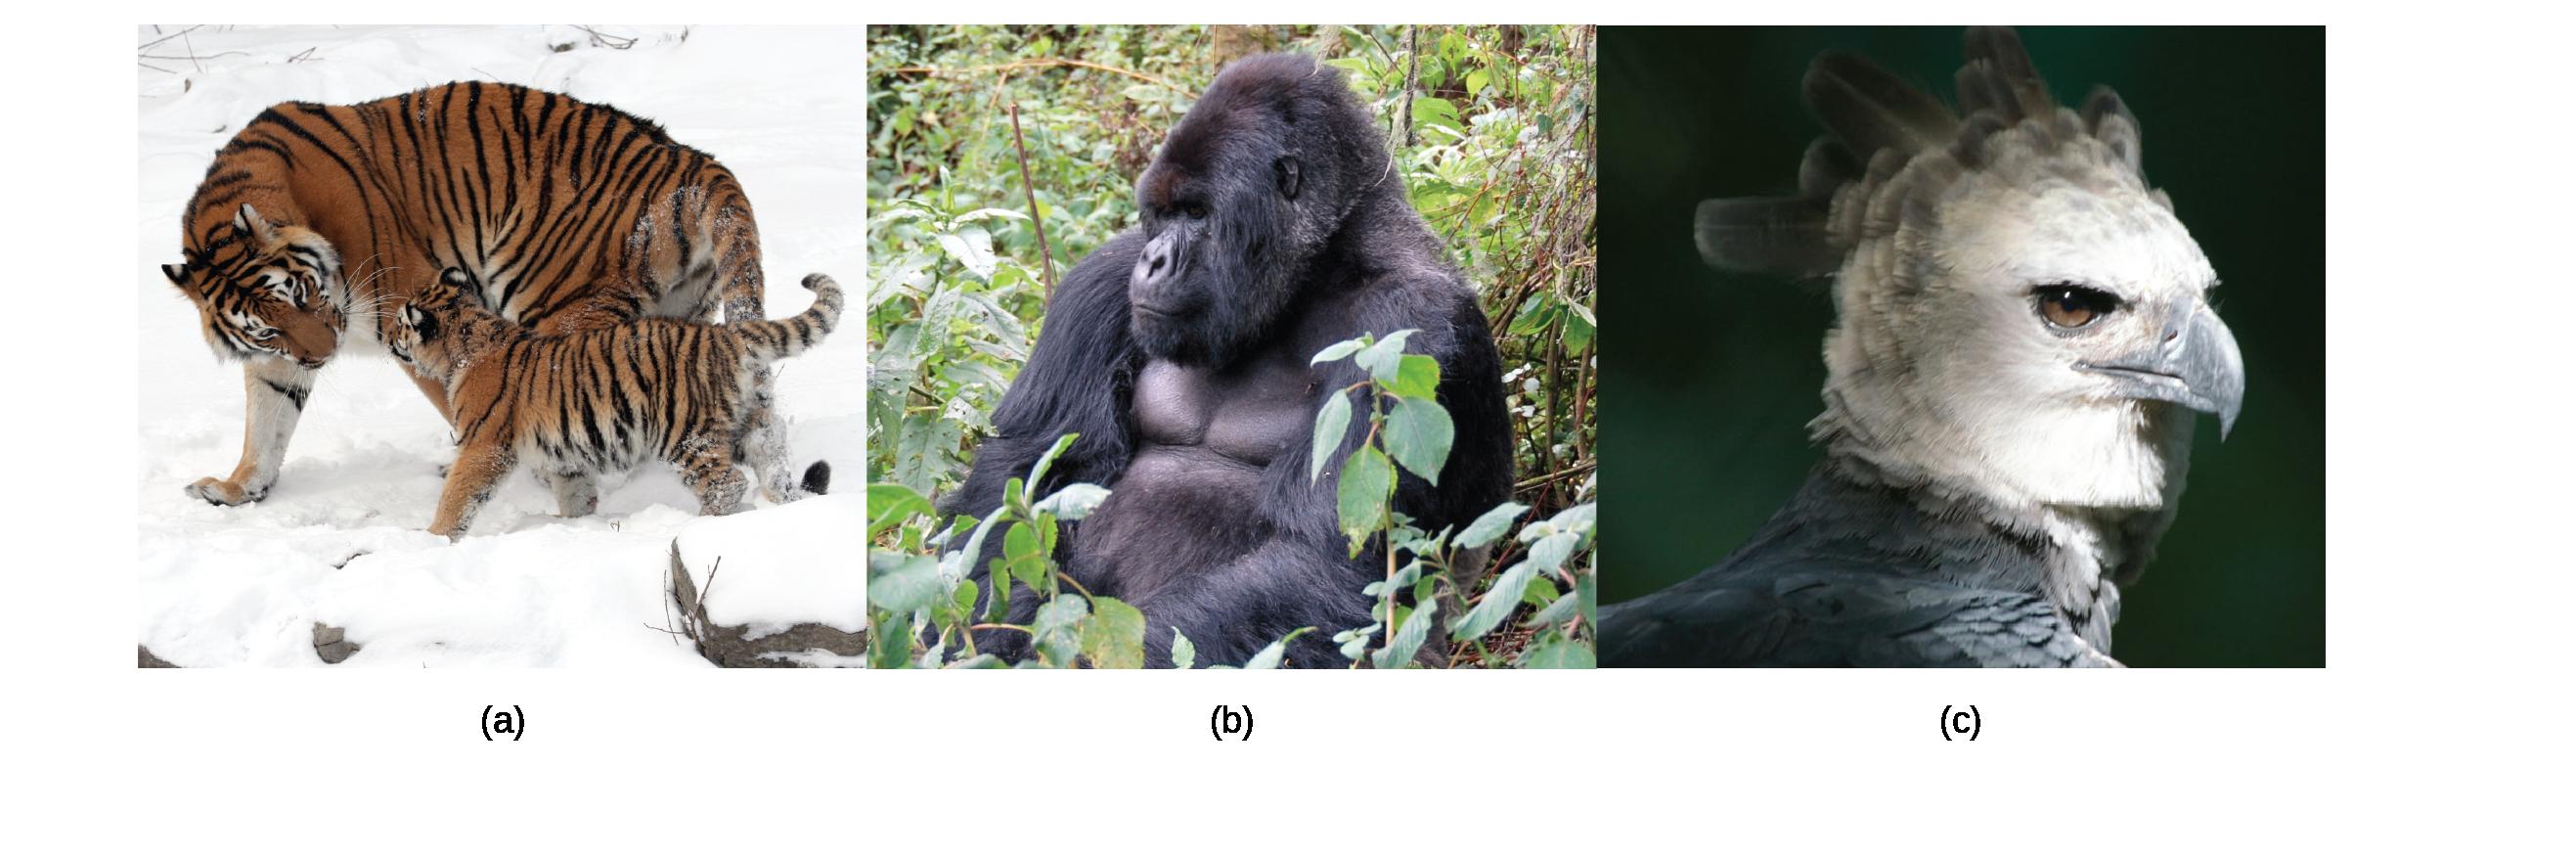 Photos show a tiger, a gorilla, and an eagle.